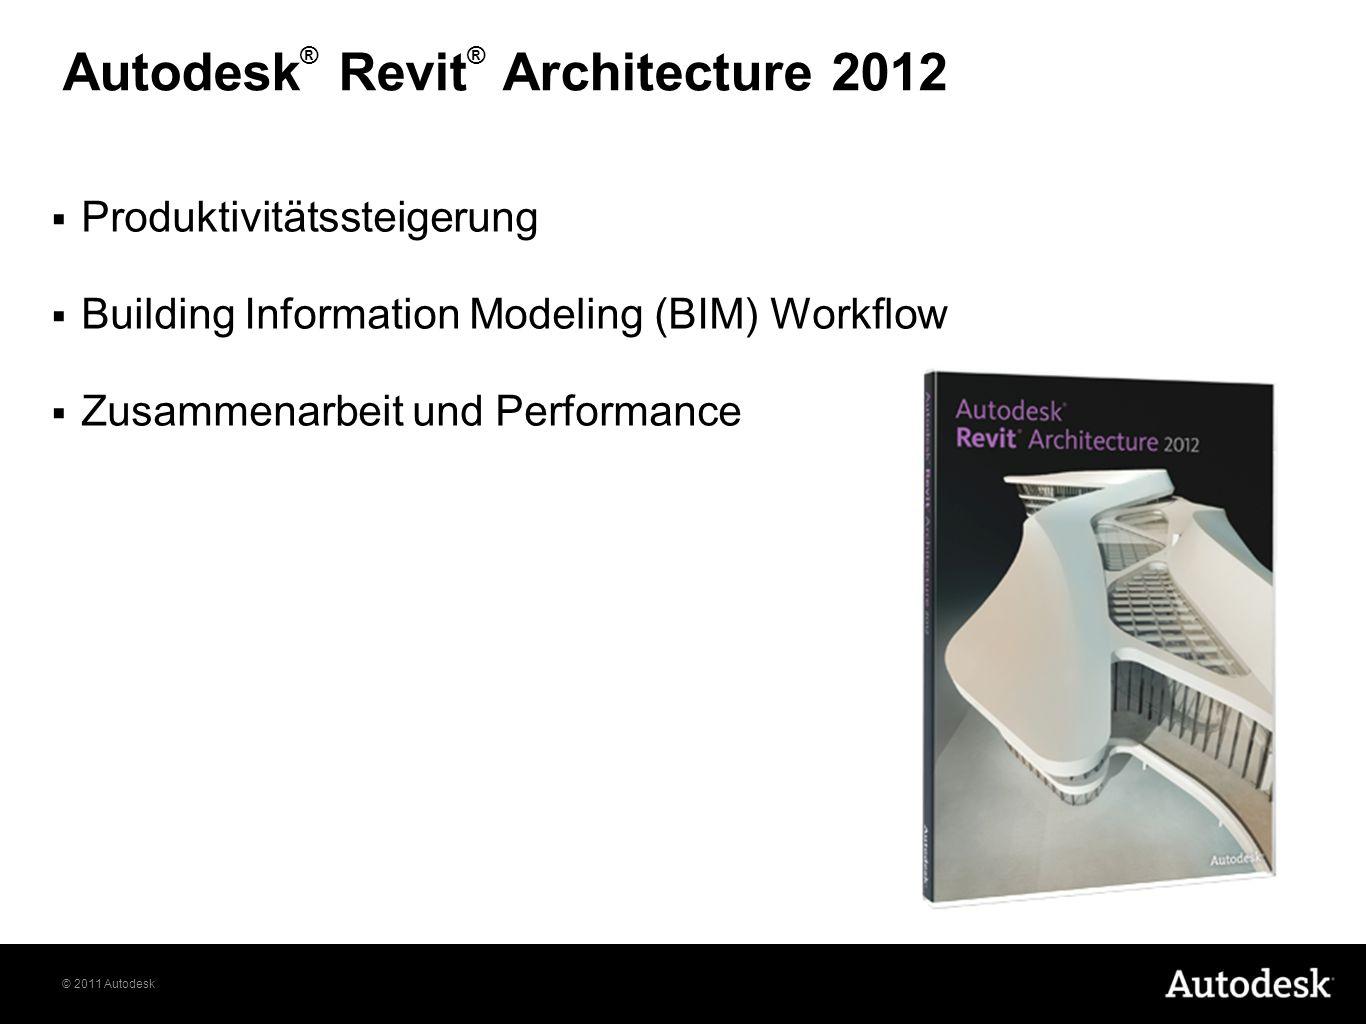 © 2011 Autodesk Autodesk ® Revit ® Architecture 2012 Produktivitätssteigerung Building Information Modeling (BIM) Workflow Zusammenarbeit und Performa